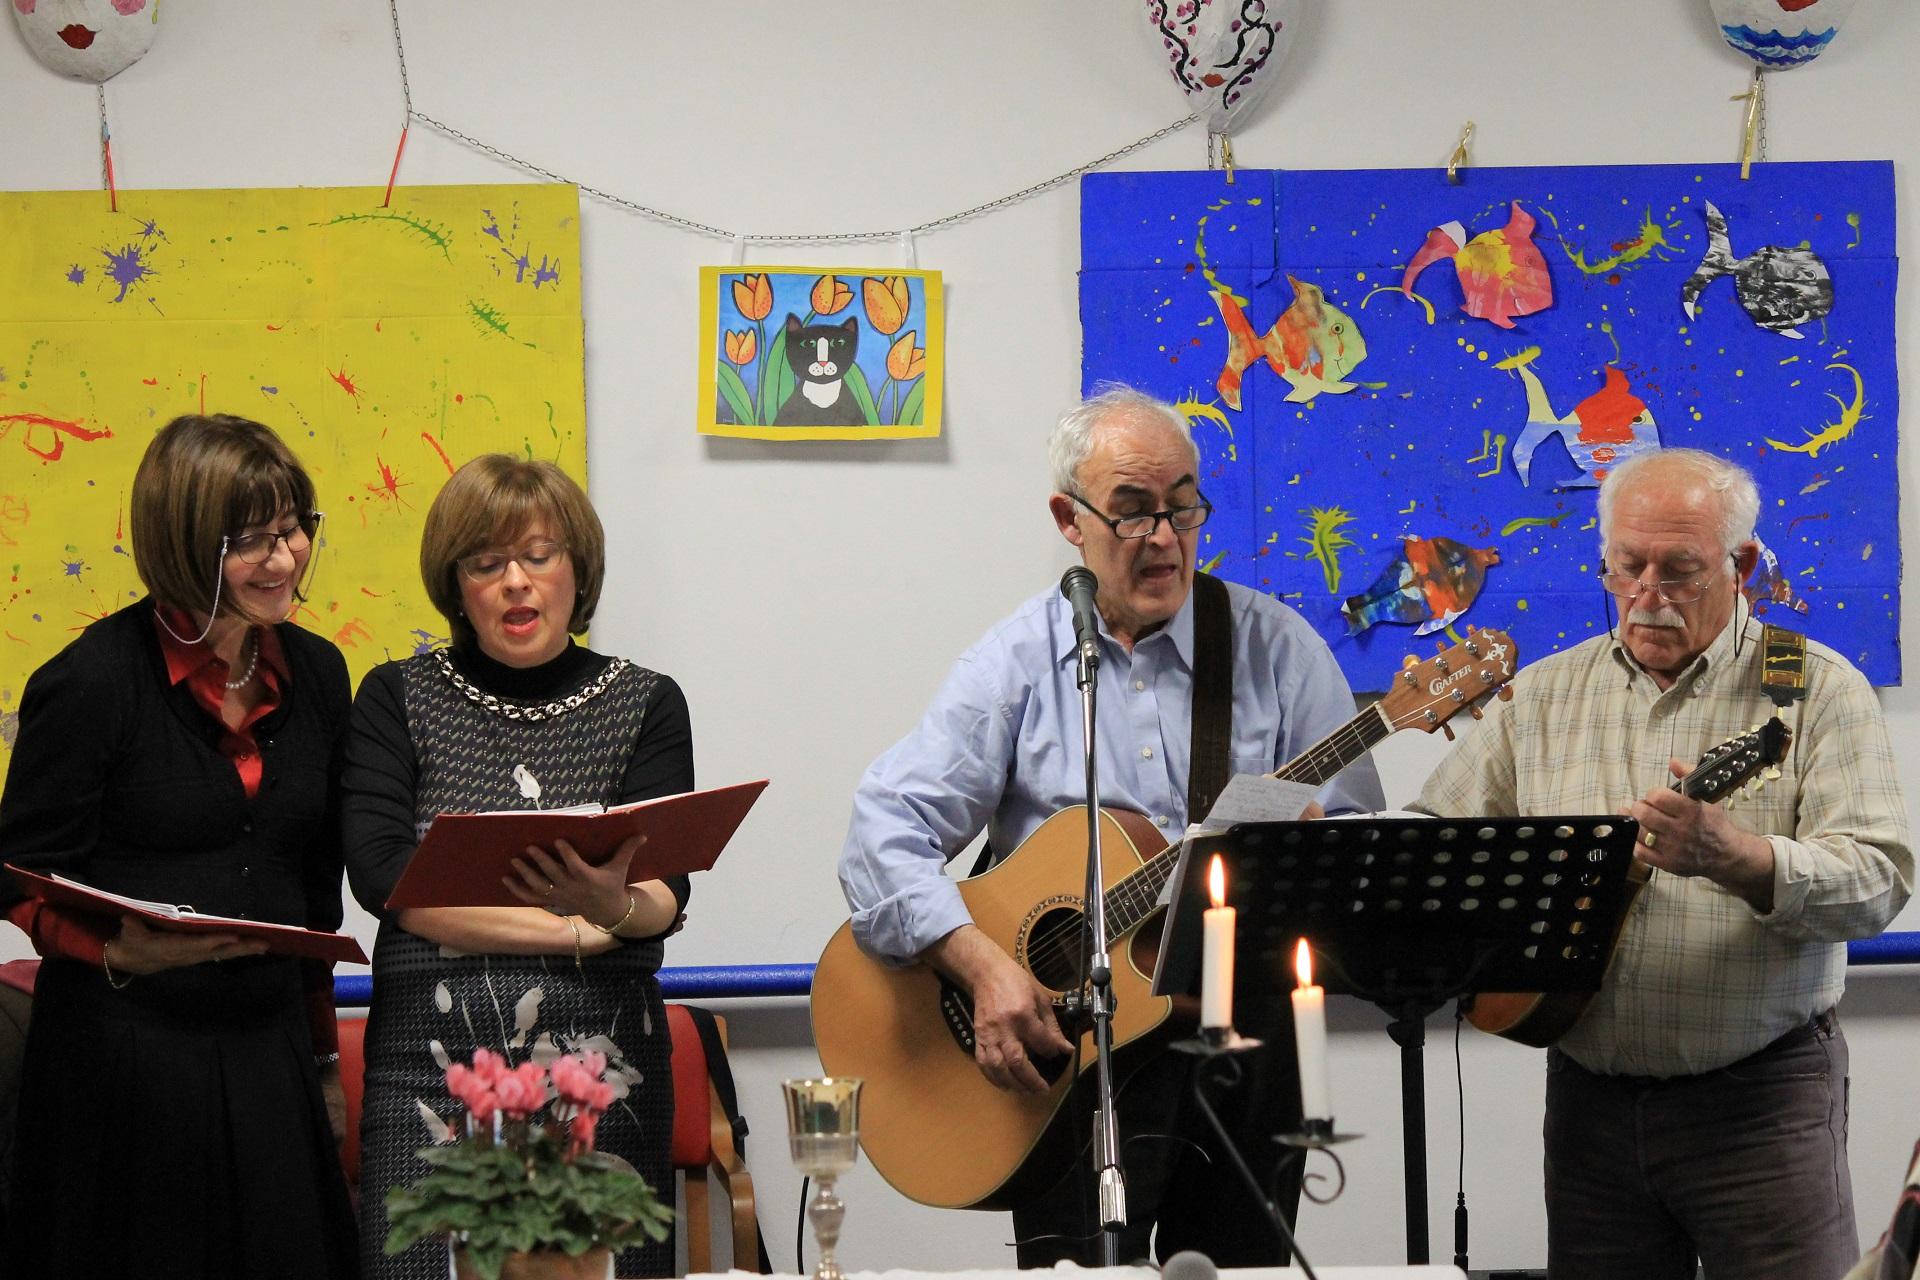 Festa di Natale Residenza Protetta Casa Marino Bagnasco - Opere Sociali Servizi Savona